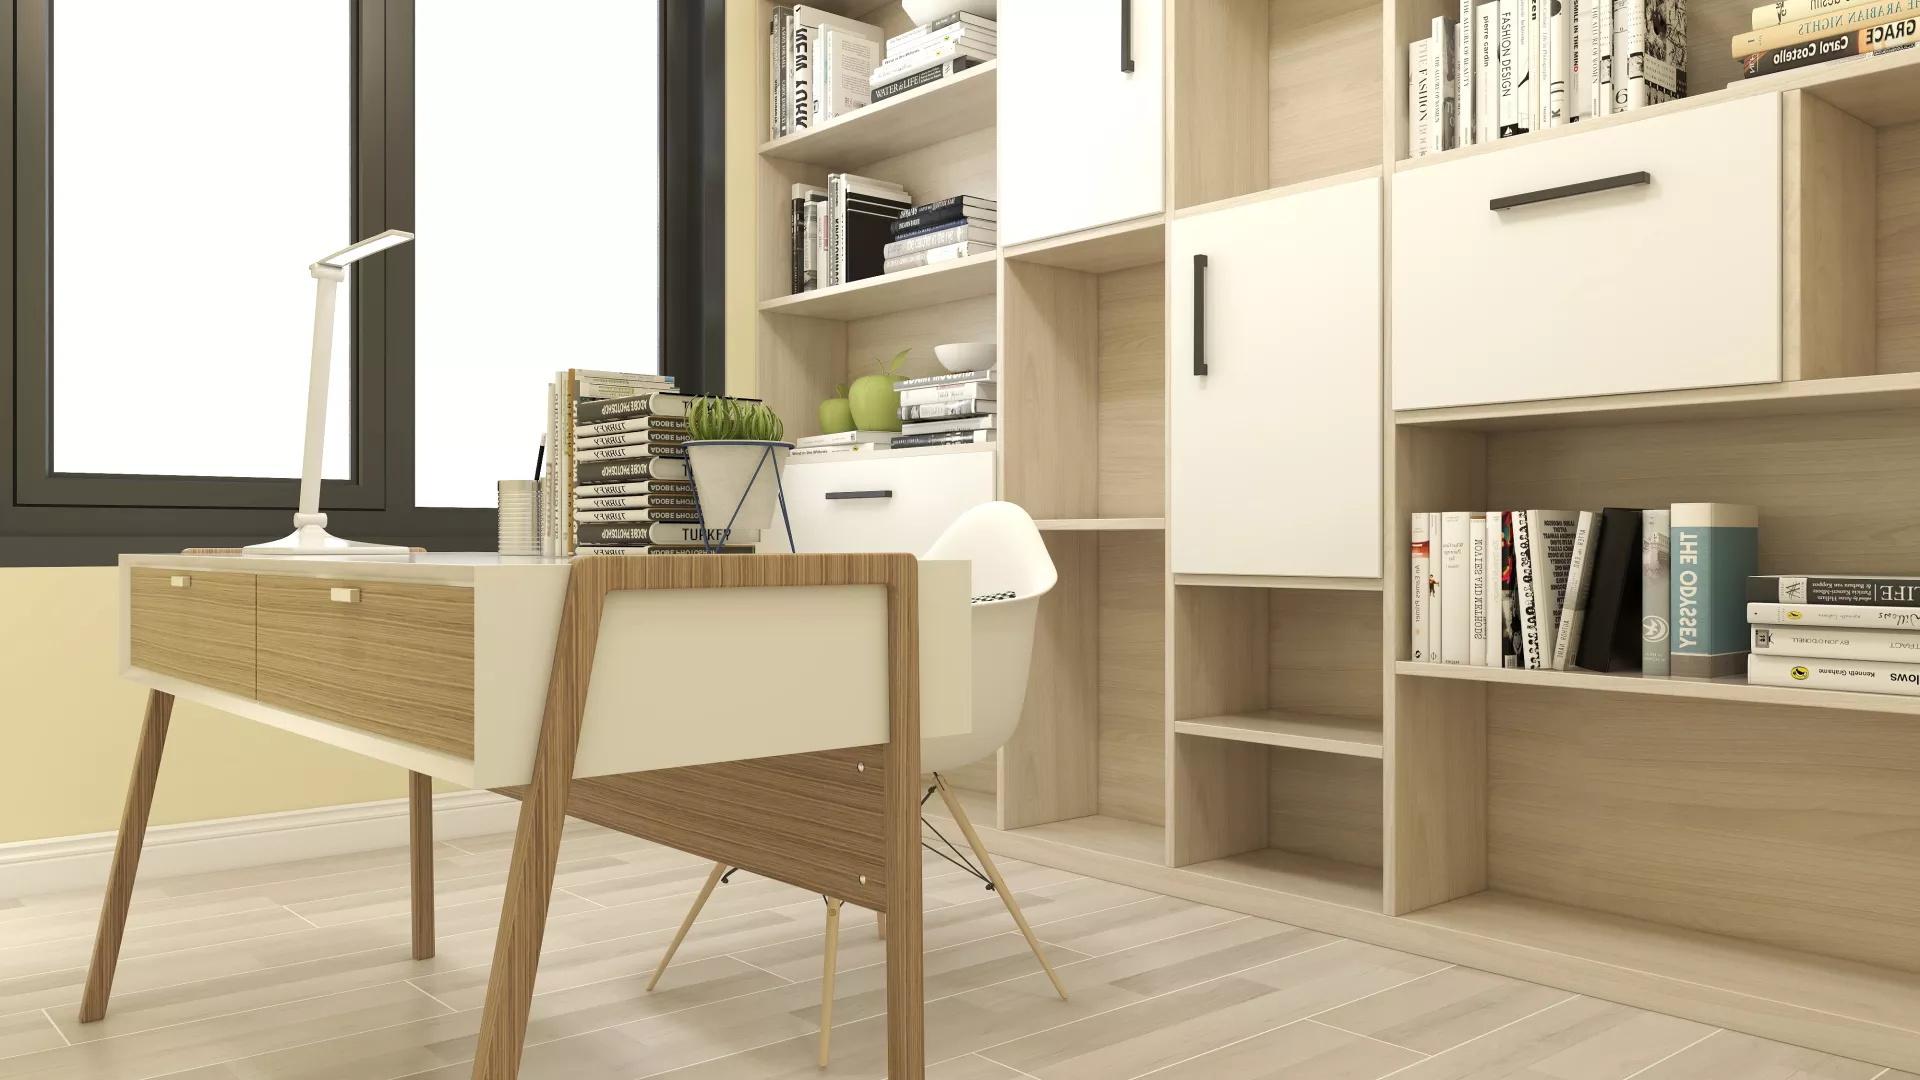 家庭玄关要怎么装修设计 家庭玄关设计要点是什么